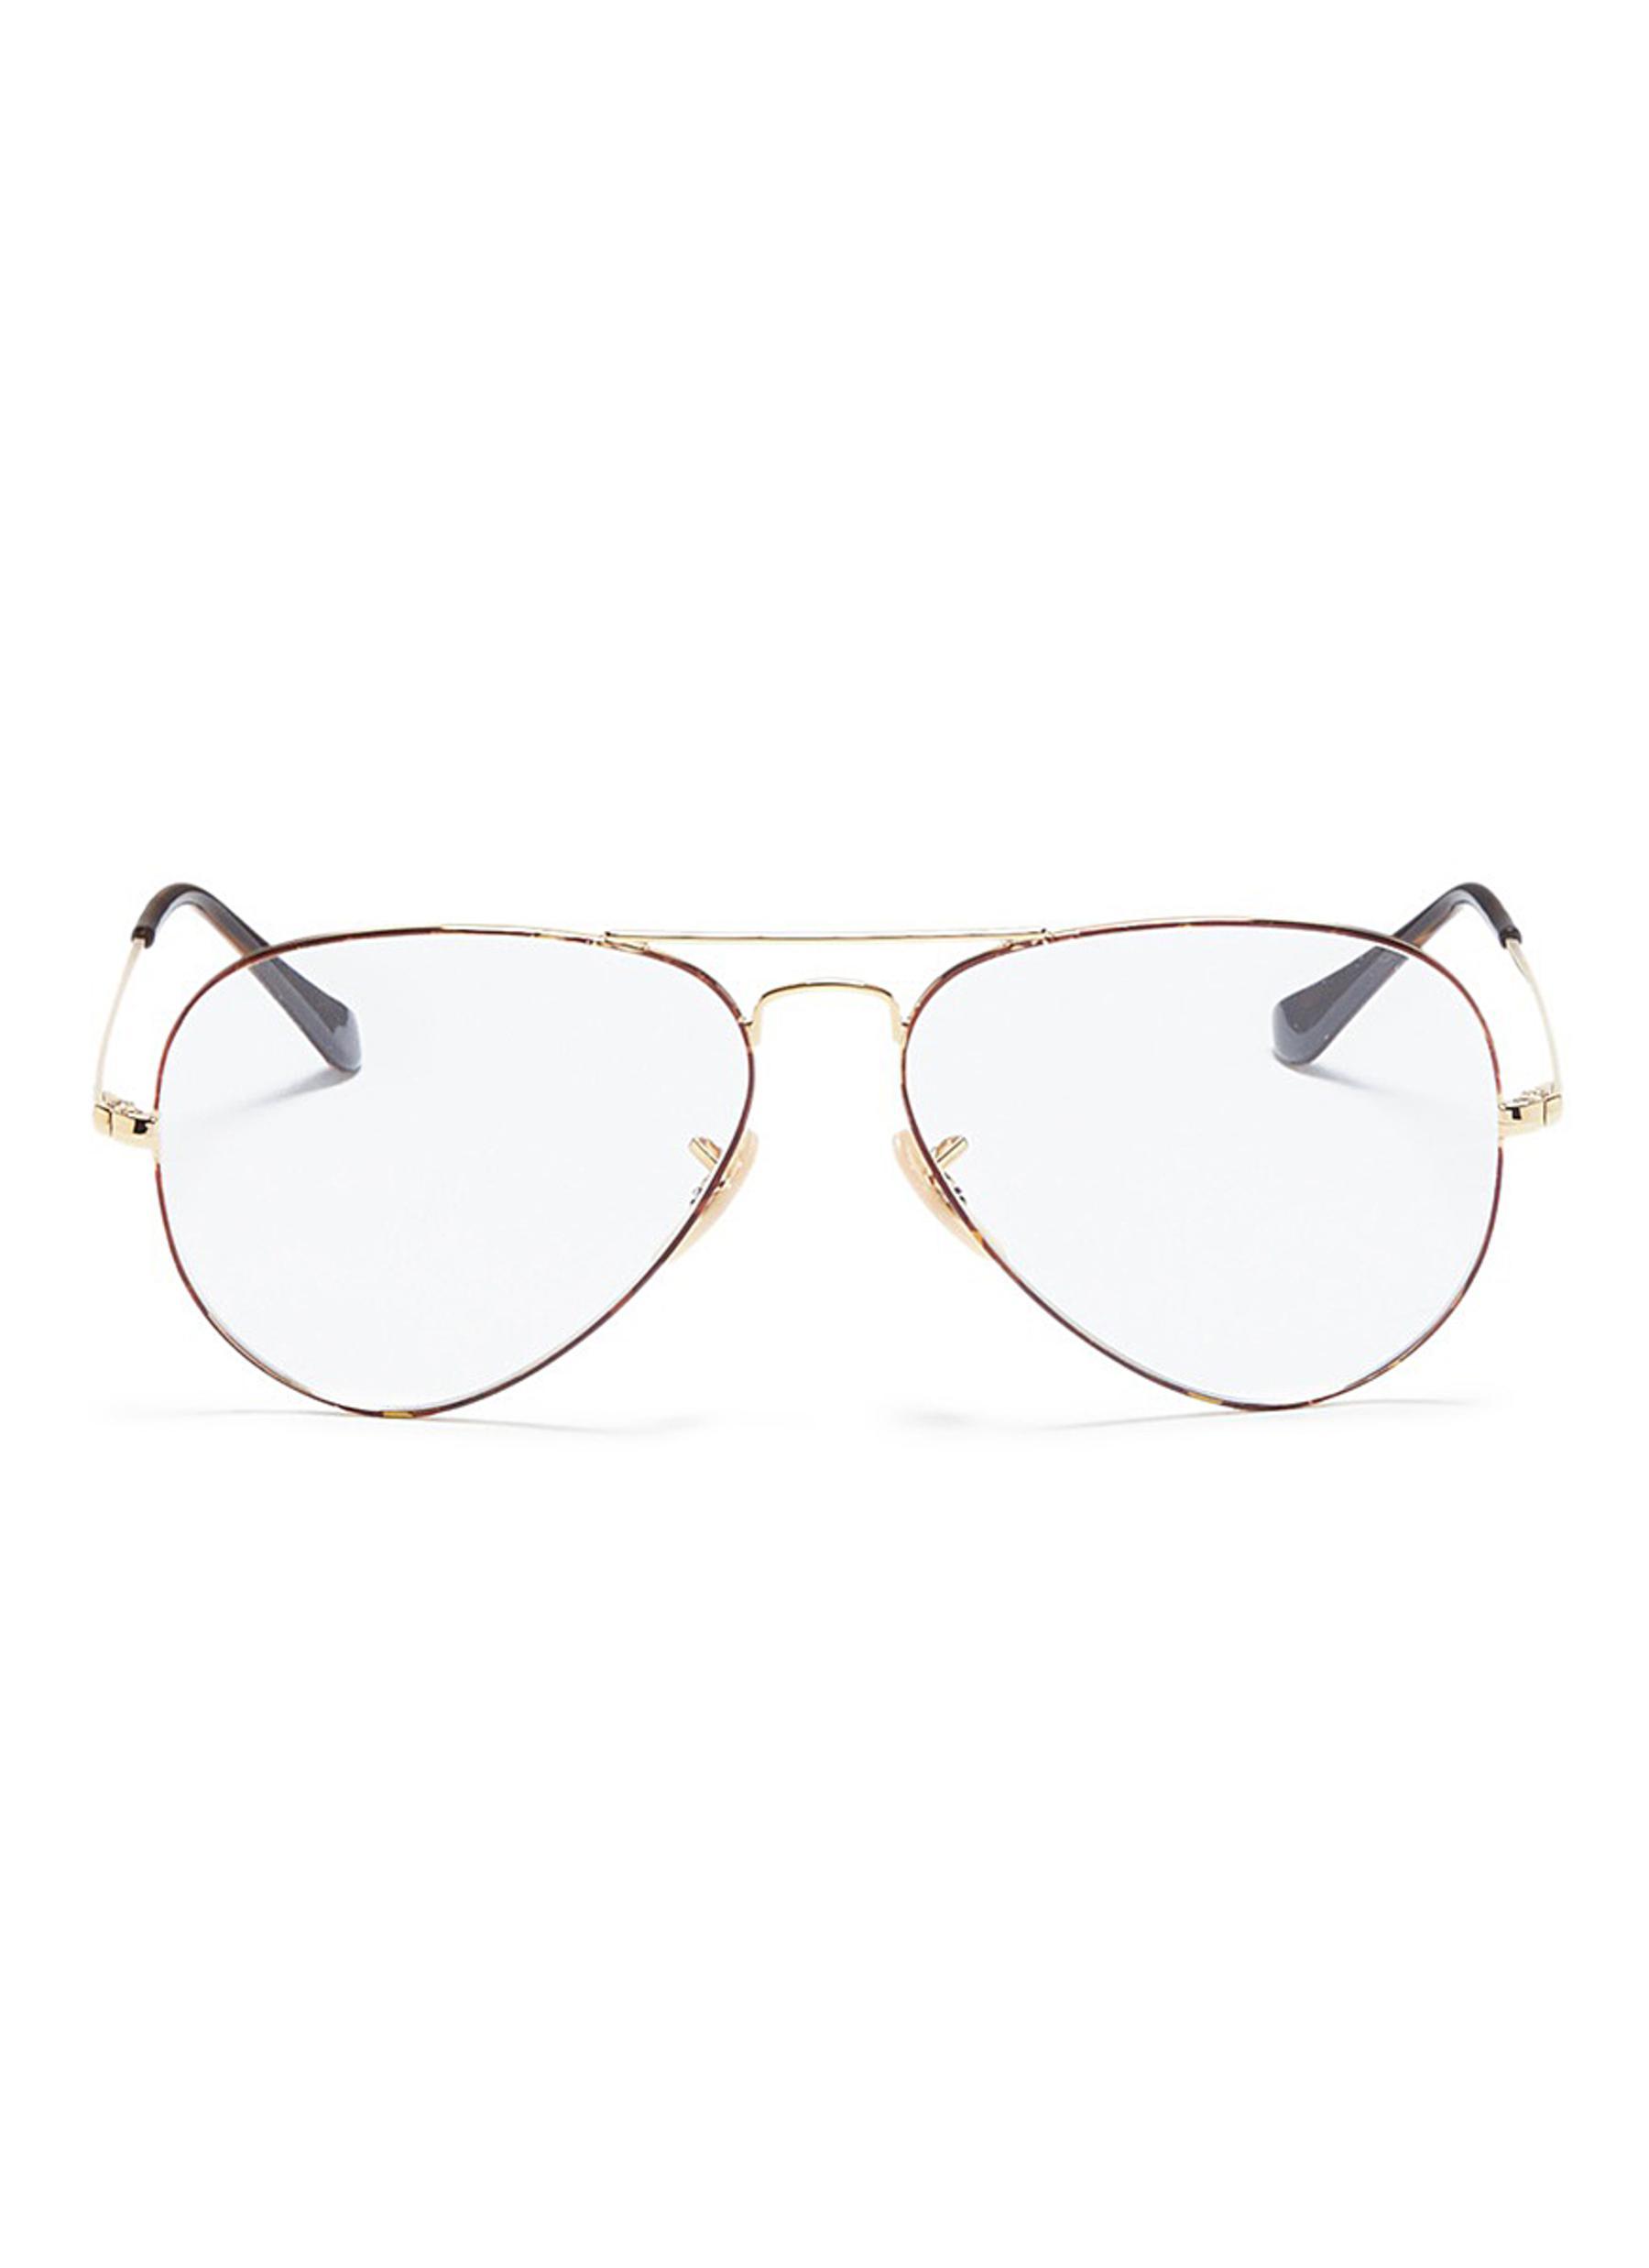 ray ban aviator optics tortoiseshell front metal optical glasses Ray-Ban Frames ray ban aviator optics tortoiseshell front metal optical glasses